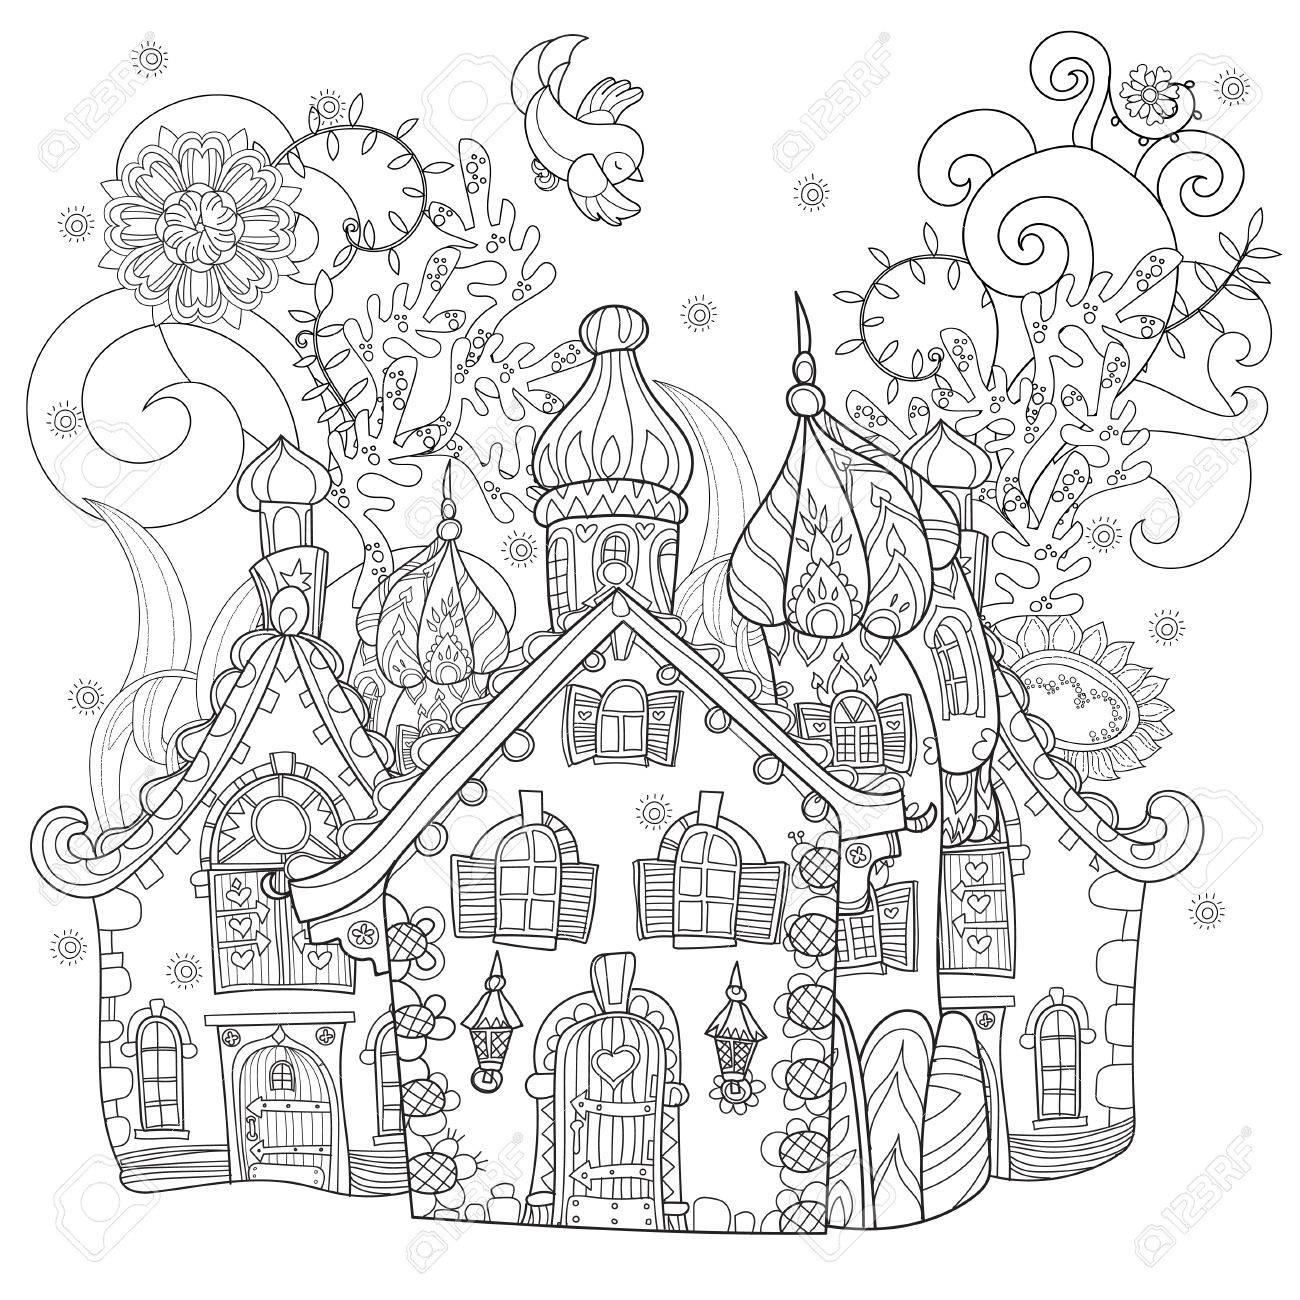 かわいいおとぎ話町の落書きイラストはがき印刷や大人の塗り絵を